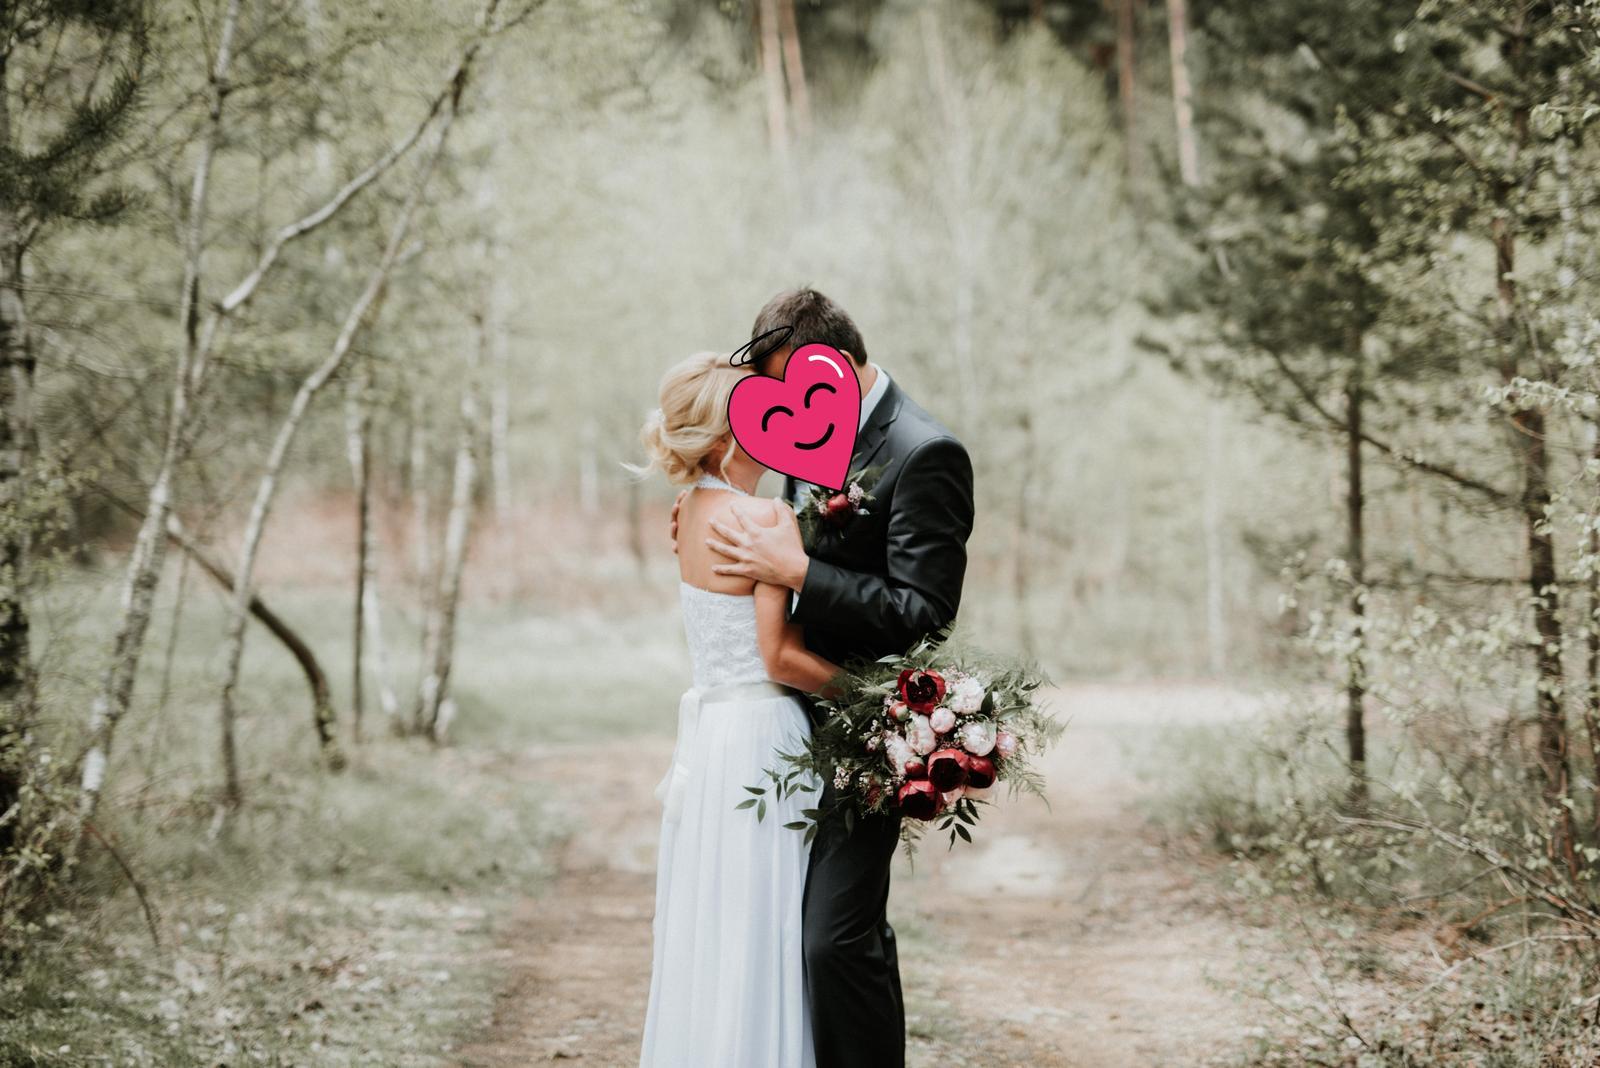 Muselinove svadobne saty s cipkovym topom - Obrázok č. 1